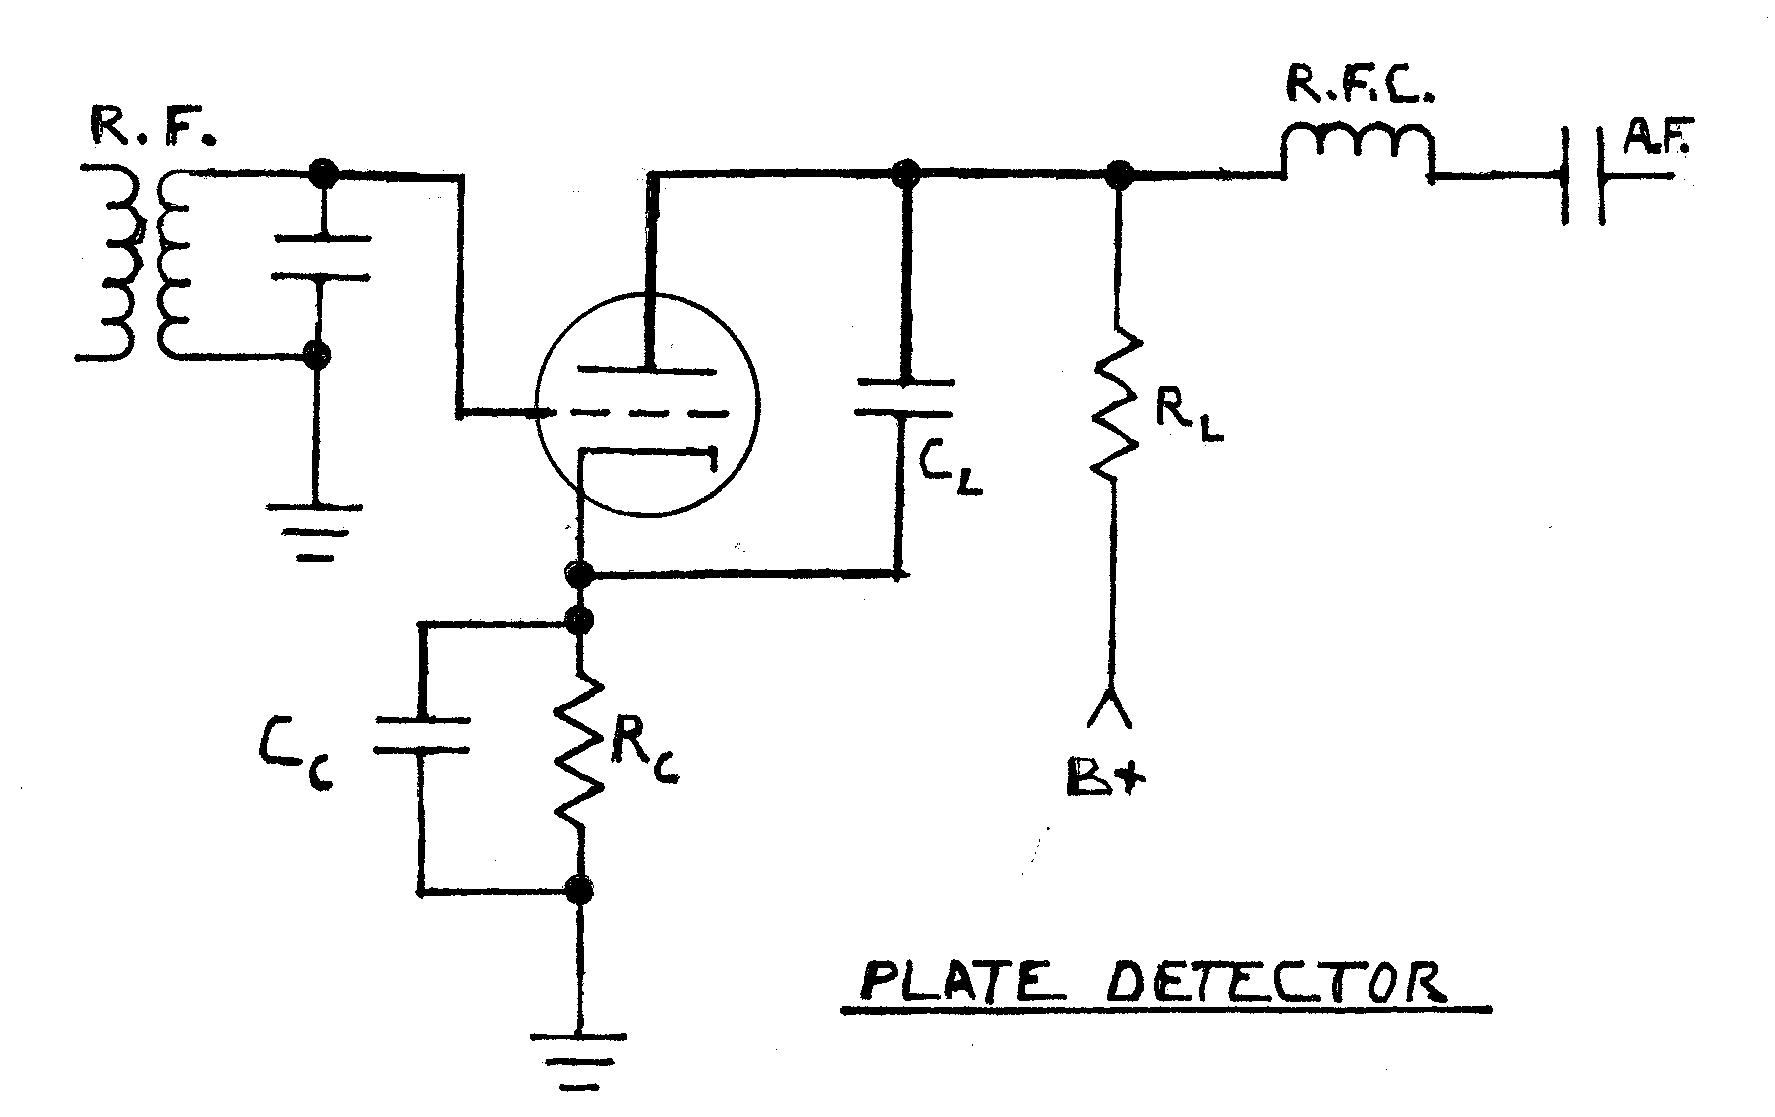 power amplifier circuit analysis